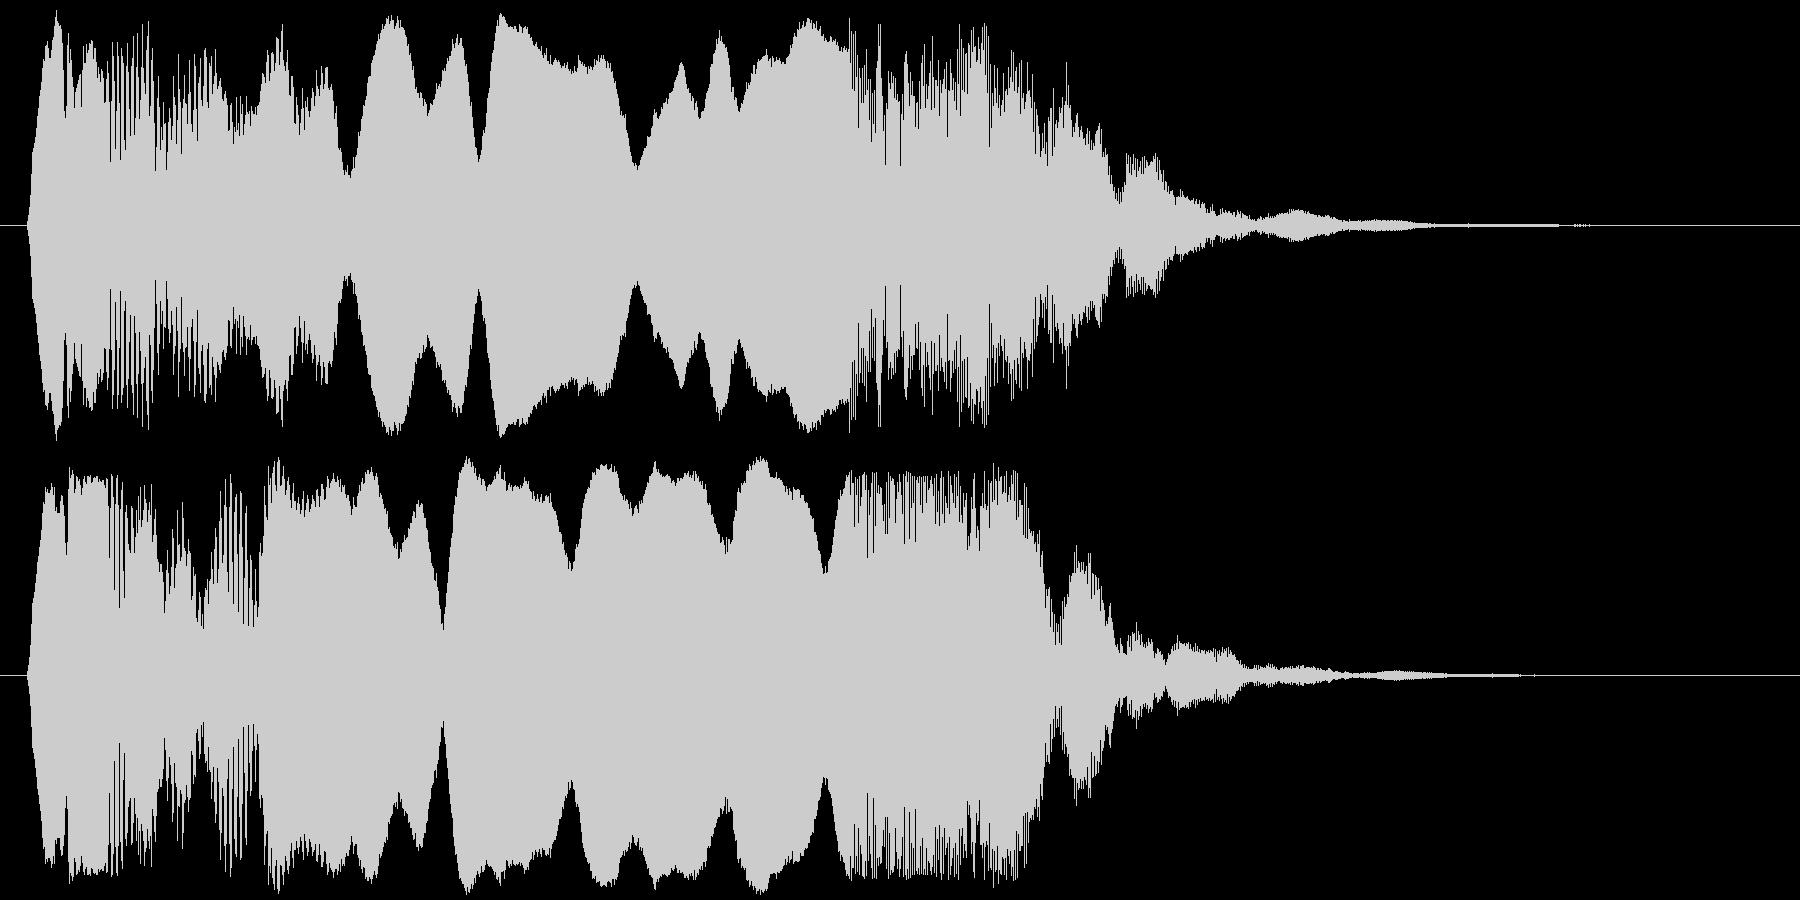 和風な効果音ですの未再生の波形